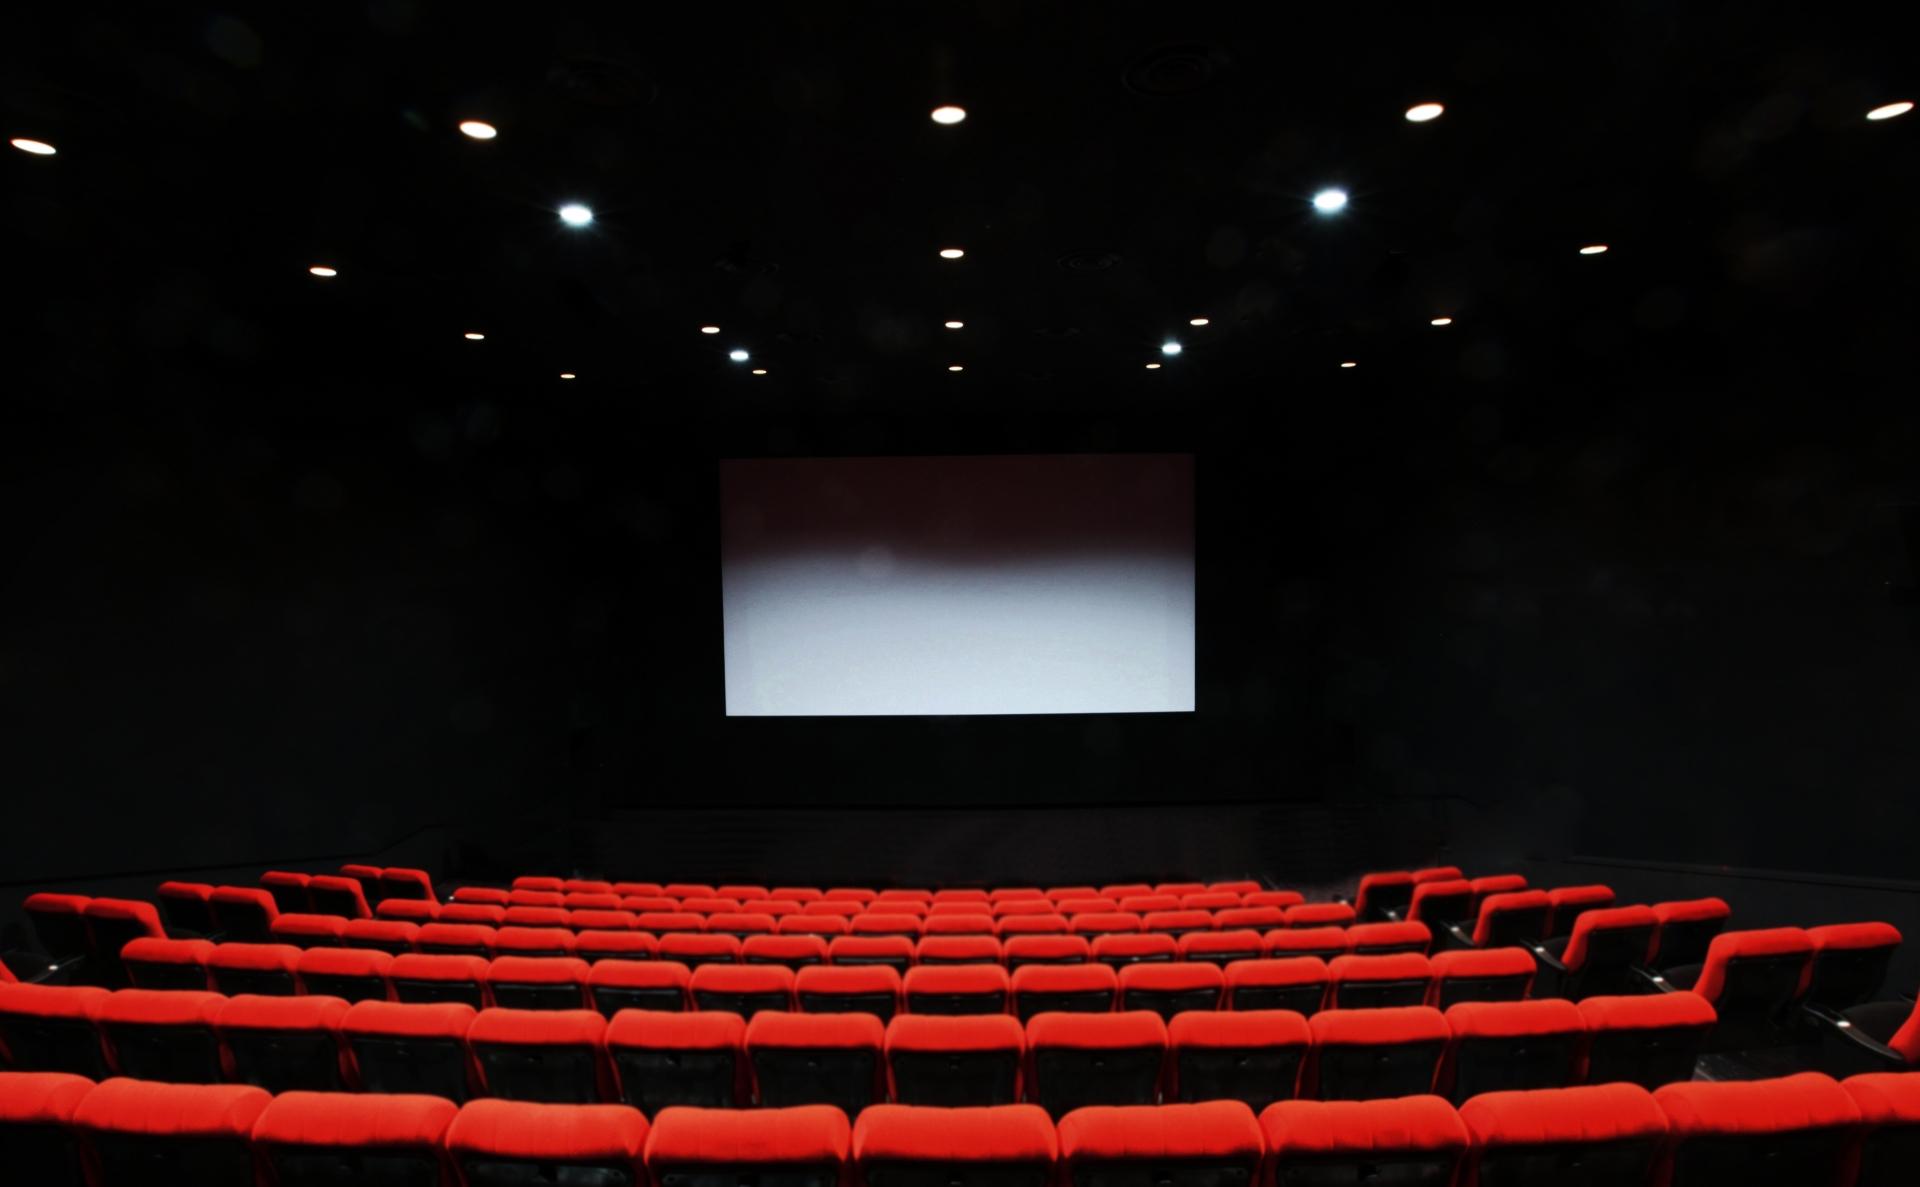 映画の感想や経験を趣味ブログにしてアフィリエイトで稼ぐ方法。